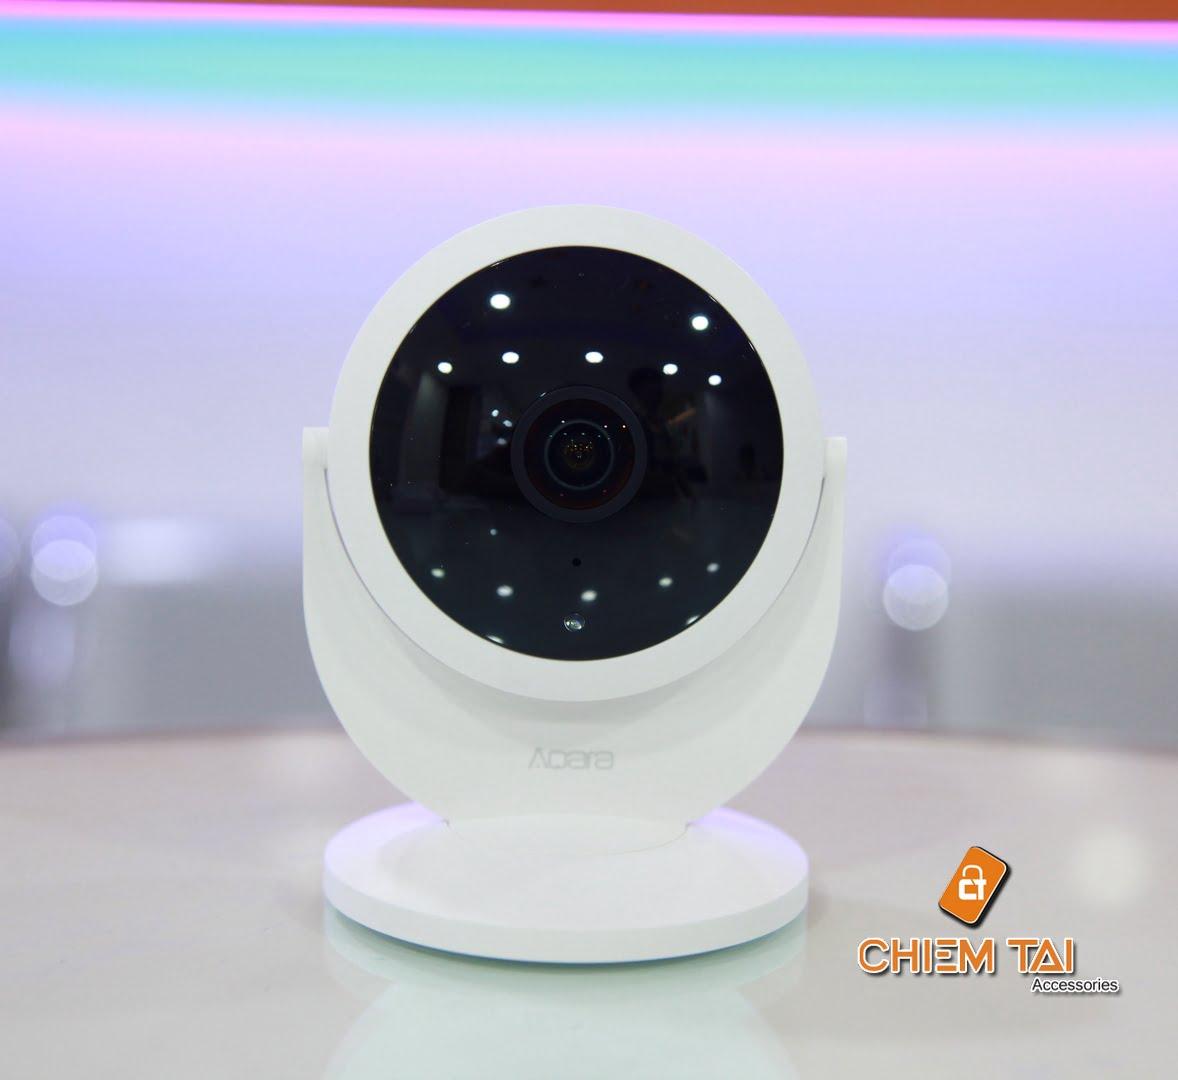 camera ip giam sat aqara full hd 1080p cuc trung tam homekit 6007d3d09818e